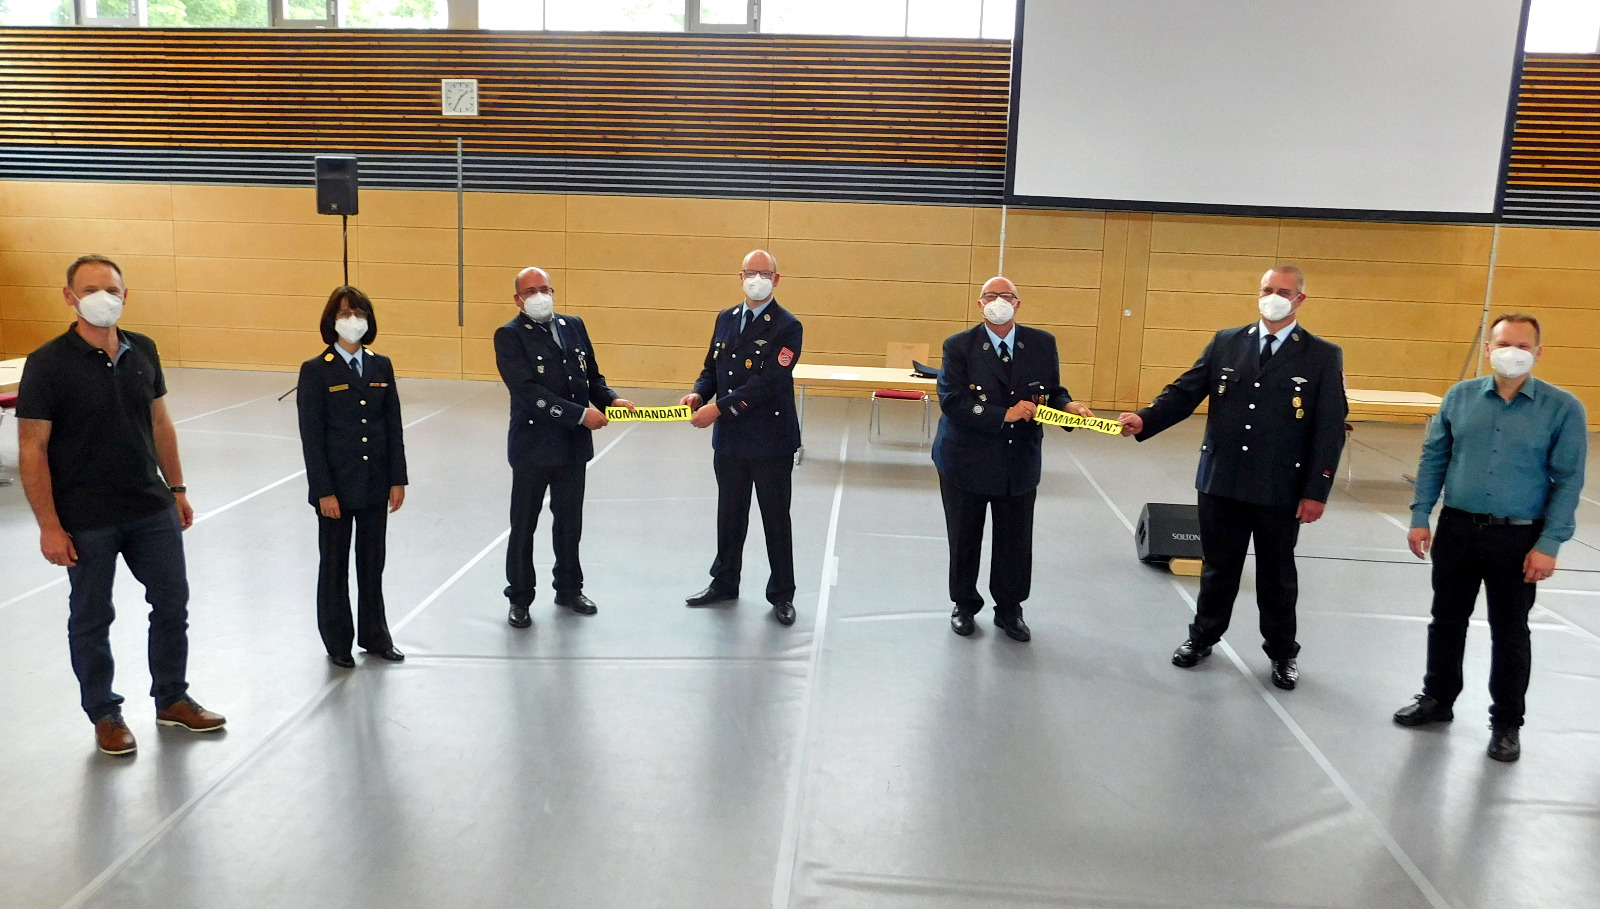 Führungswechsel bei der Feuerwehr Kirchenlaibach